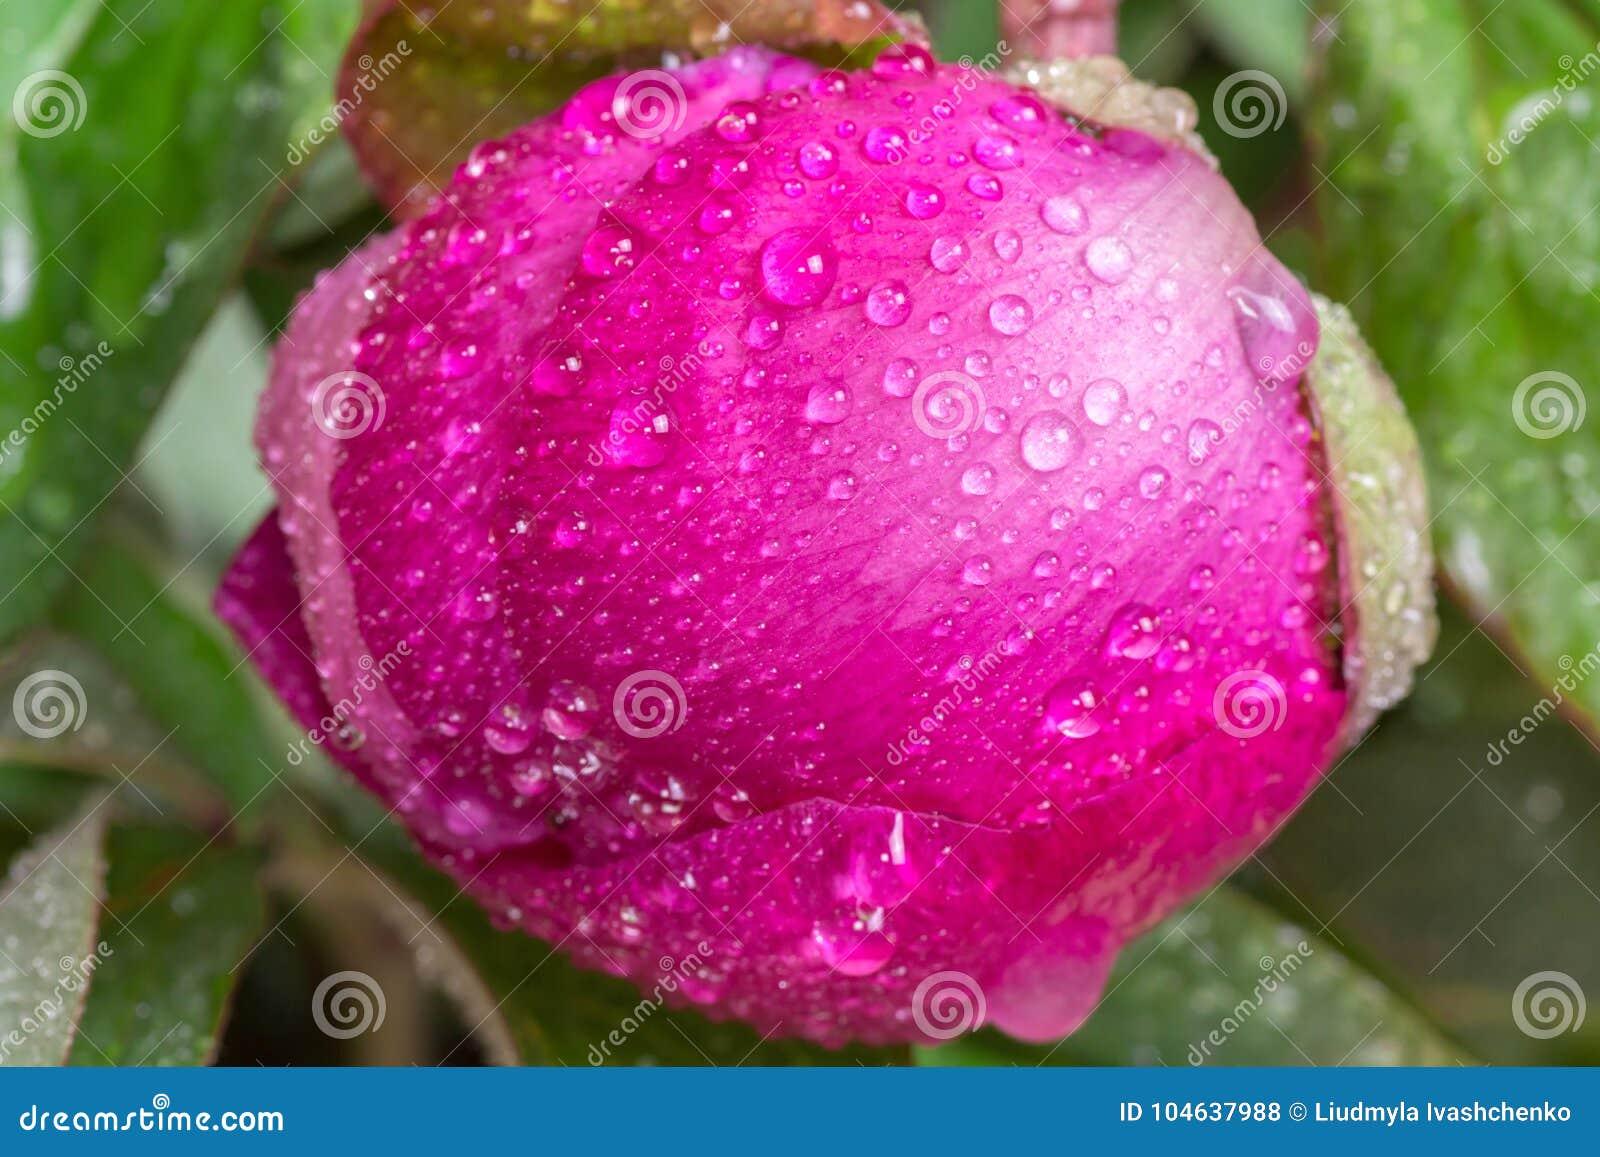 Download Pioenknop Met Dalingen Van Dauw Een Grote Roze De Lentebloem Stock Foto - Afbeelding bestaande uit bloesem, daling: 104637988